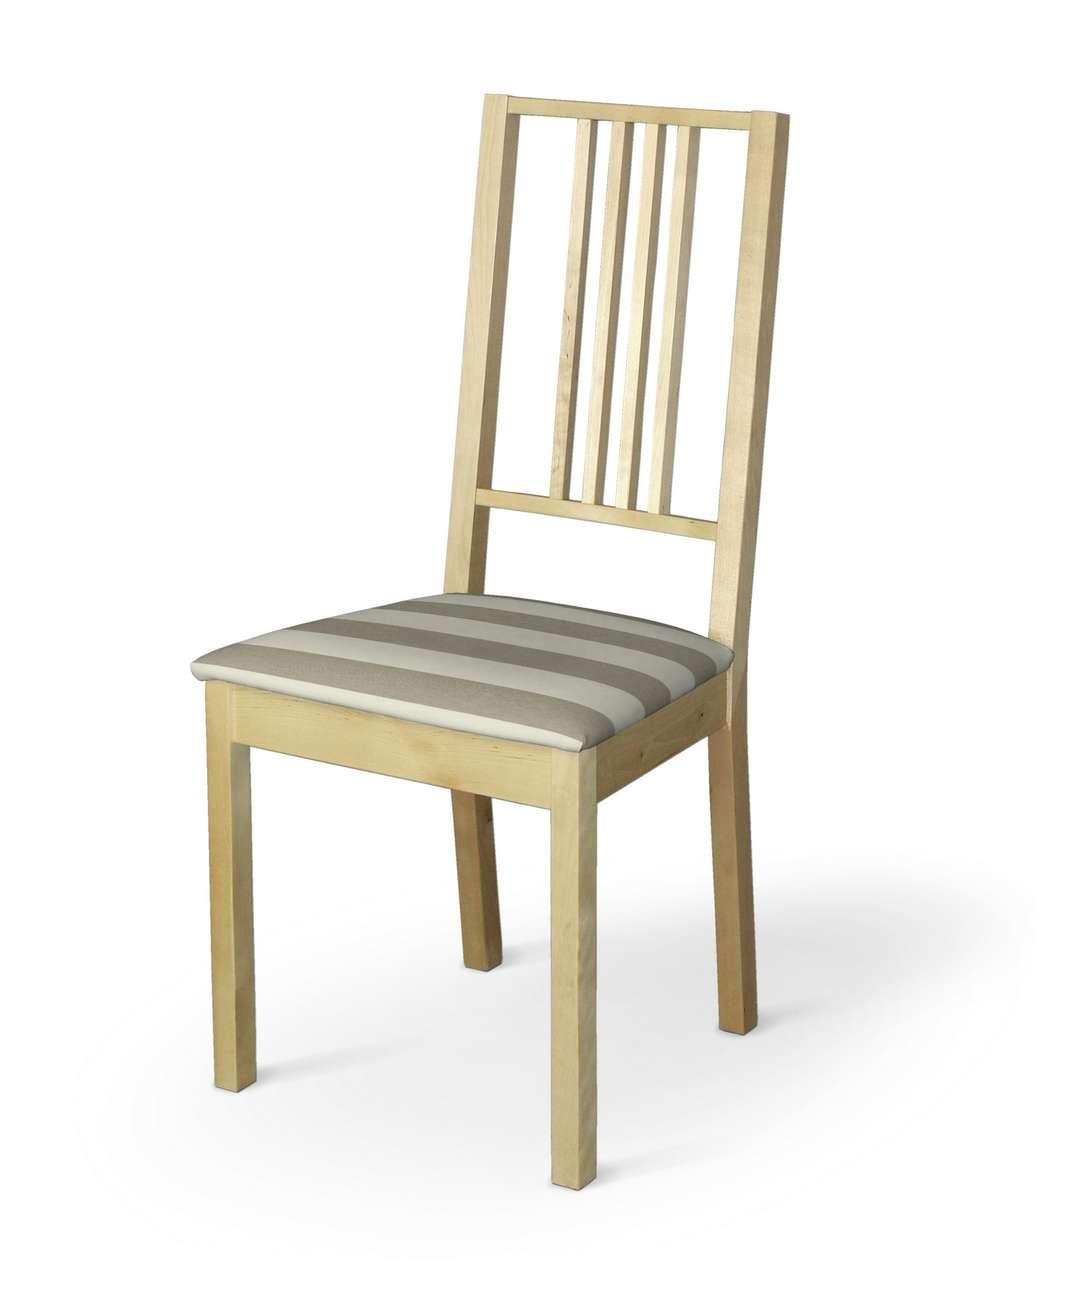 Pokrowiec na siedzisko Börje w kolekcji Quadro, tkanina: 142-73